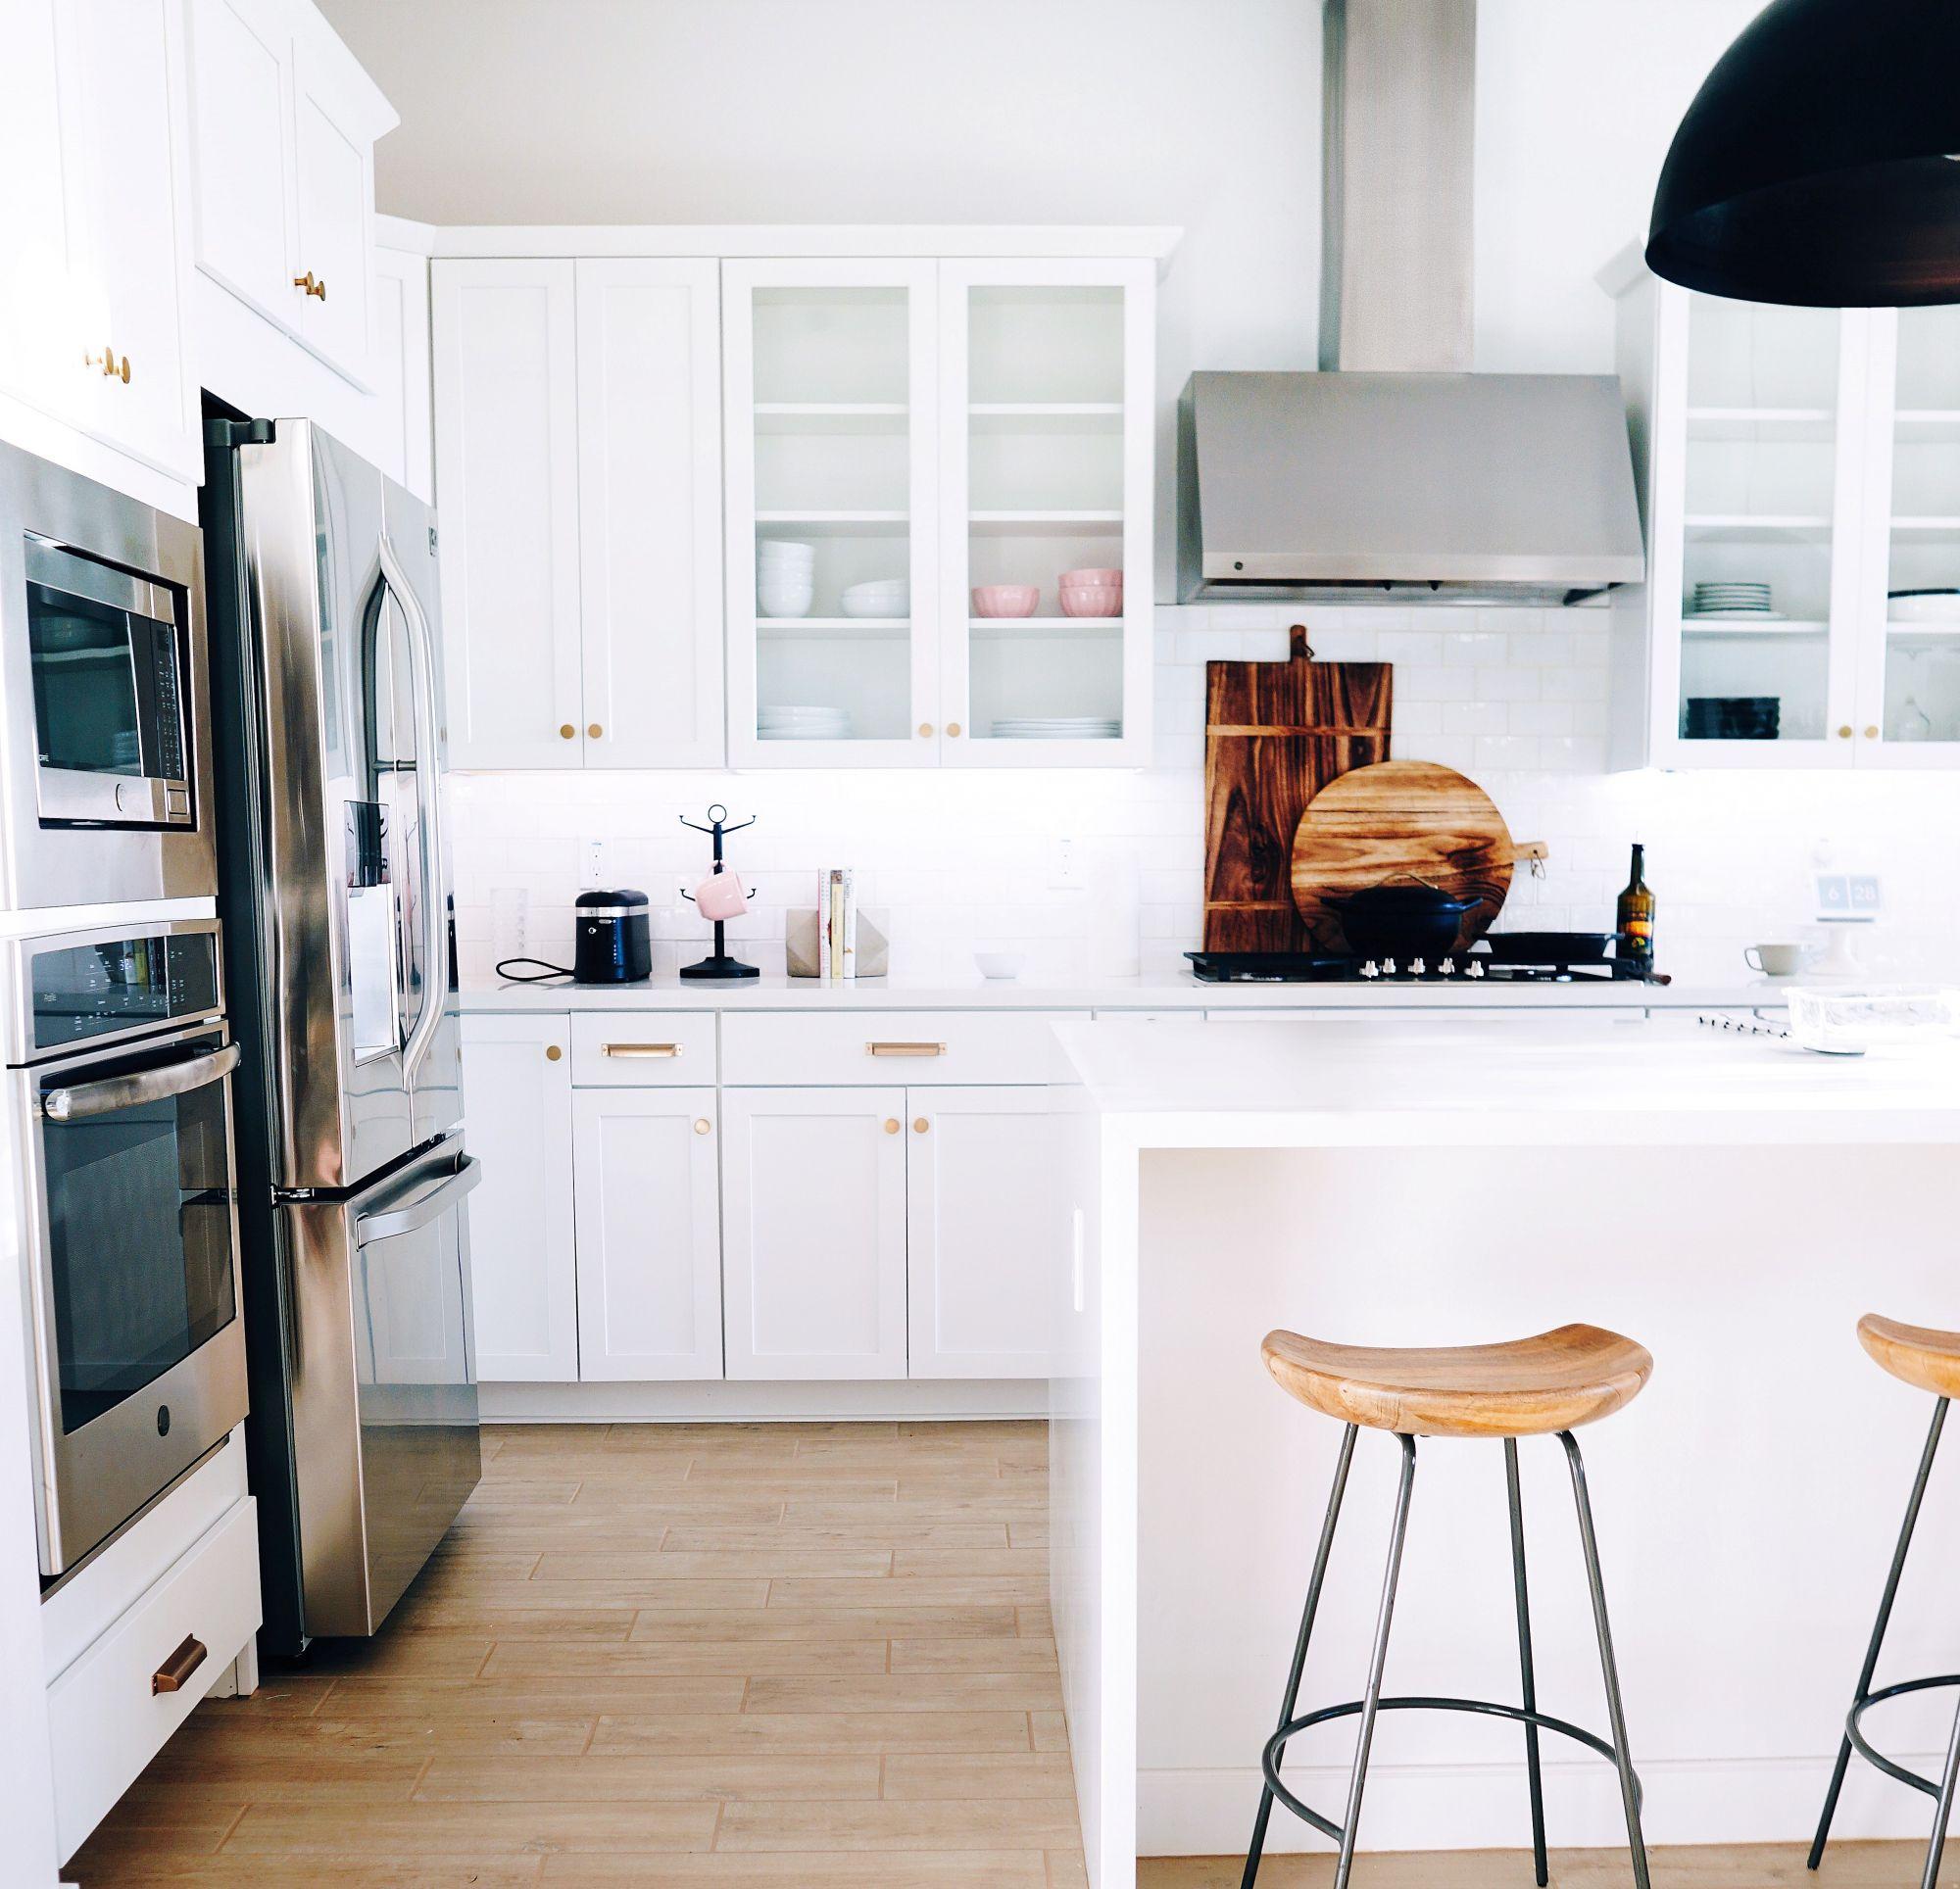 Cucina di stile: attuale in bianco etereo